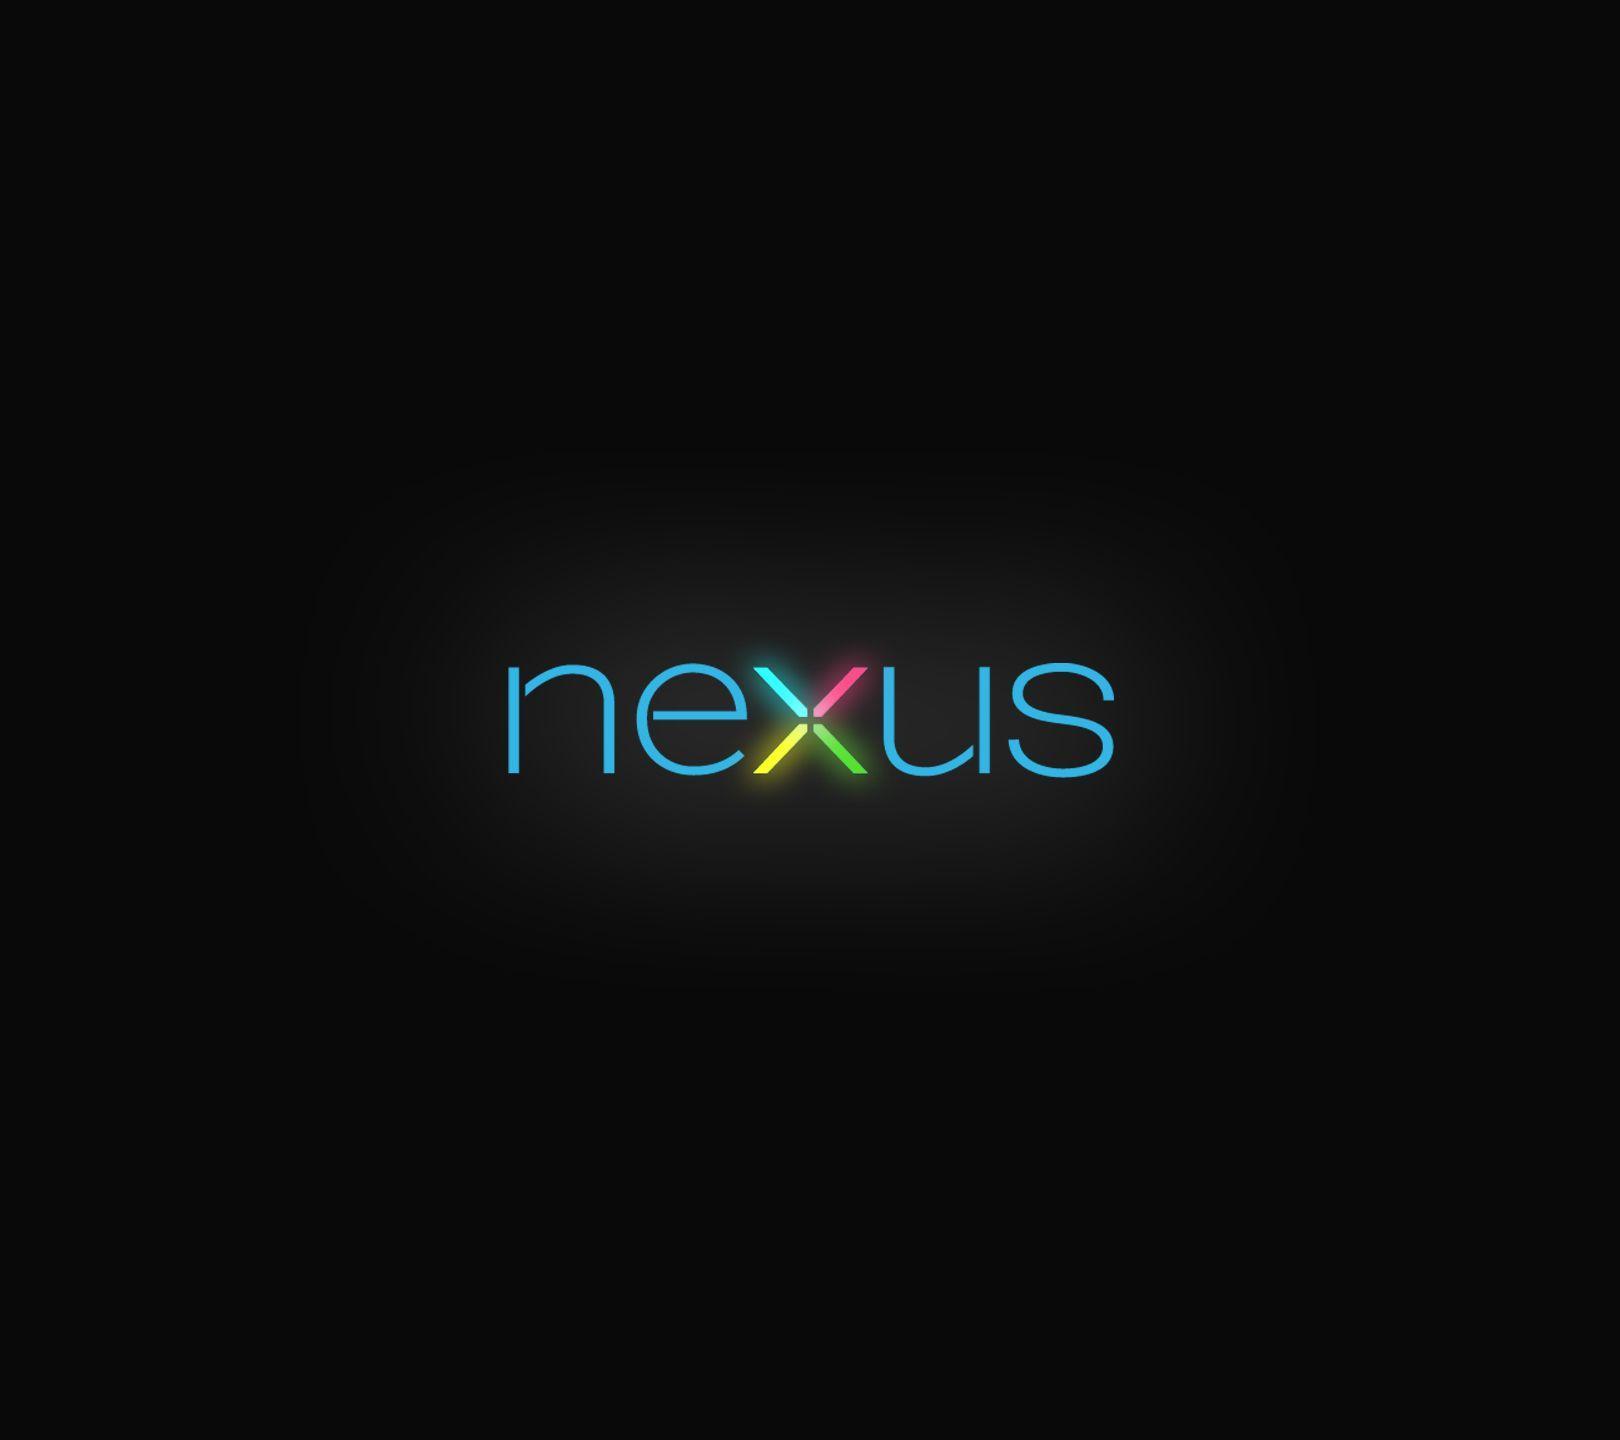 Nexus Wallpapers Hd Wallpaper Cave